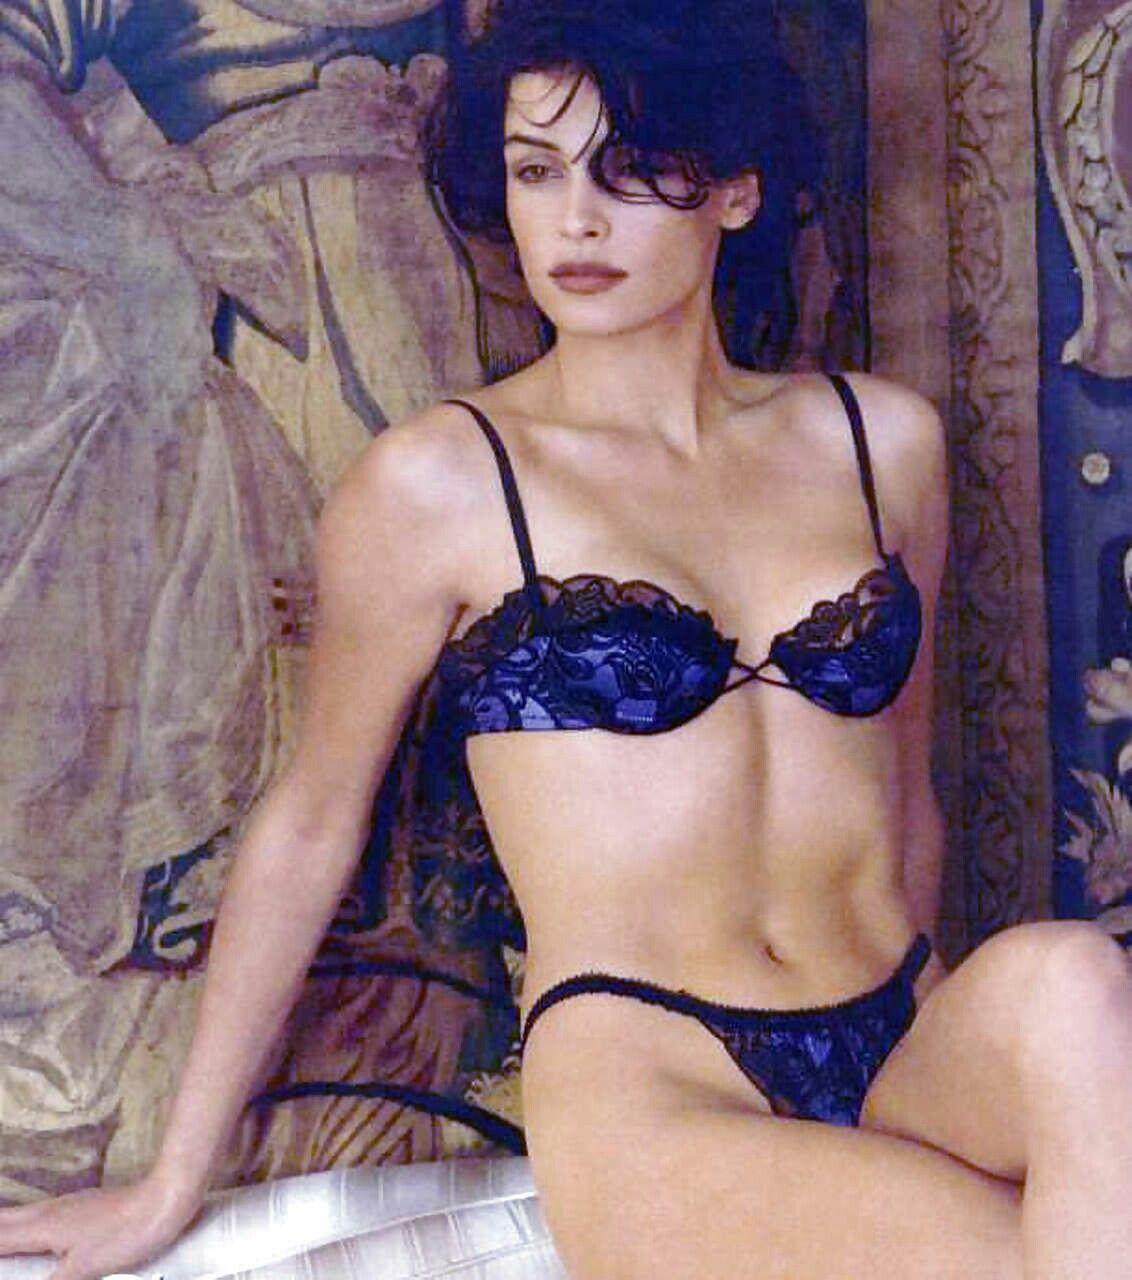 Bikini Famke Janssen nudes (34 photos), Sexy, Leaked, Twitter, cleavage 2006